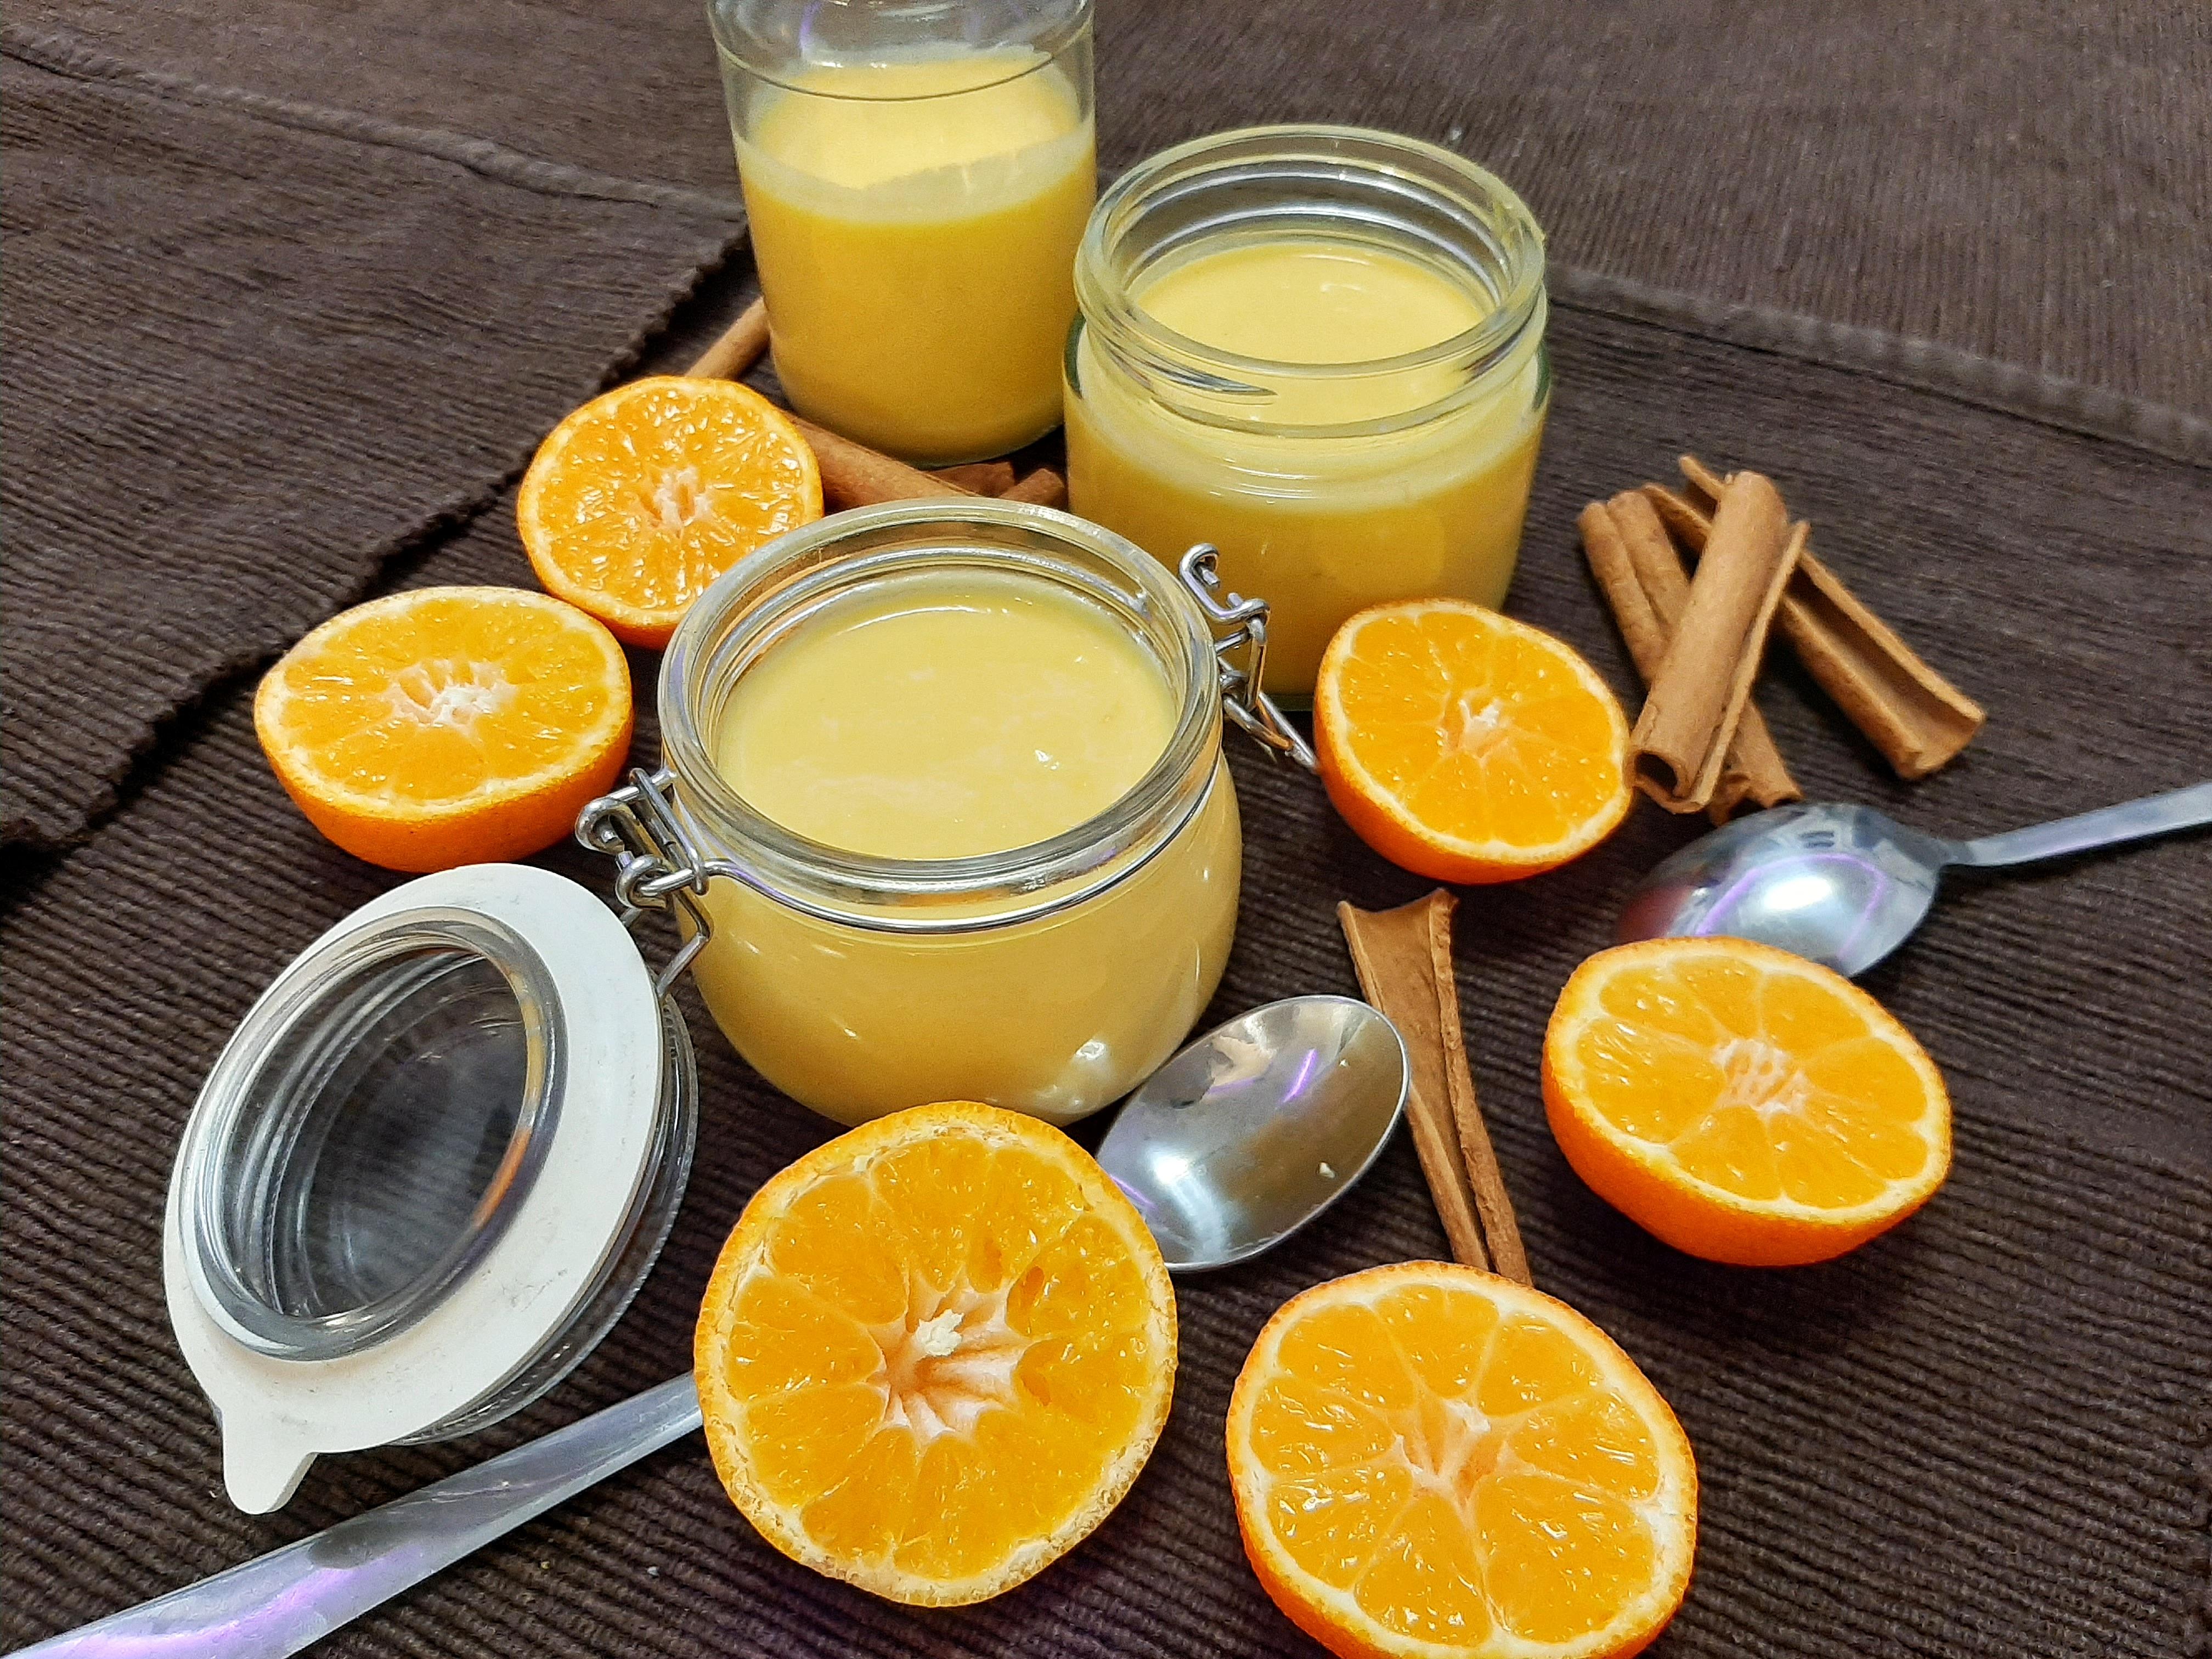 Csodálatos mandarinkrém diétásan